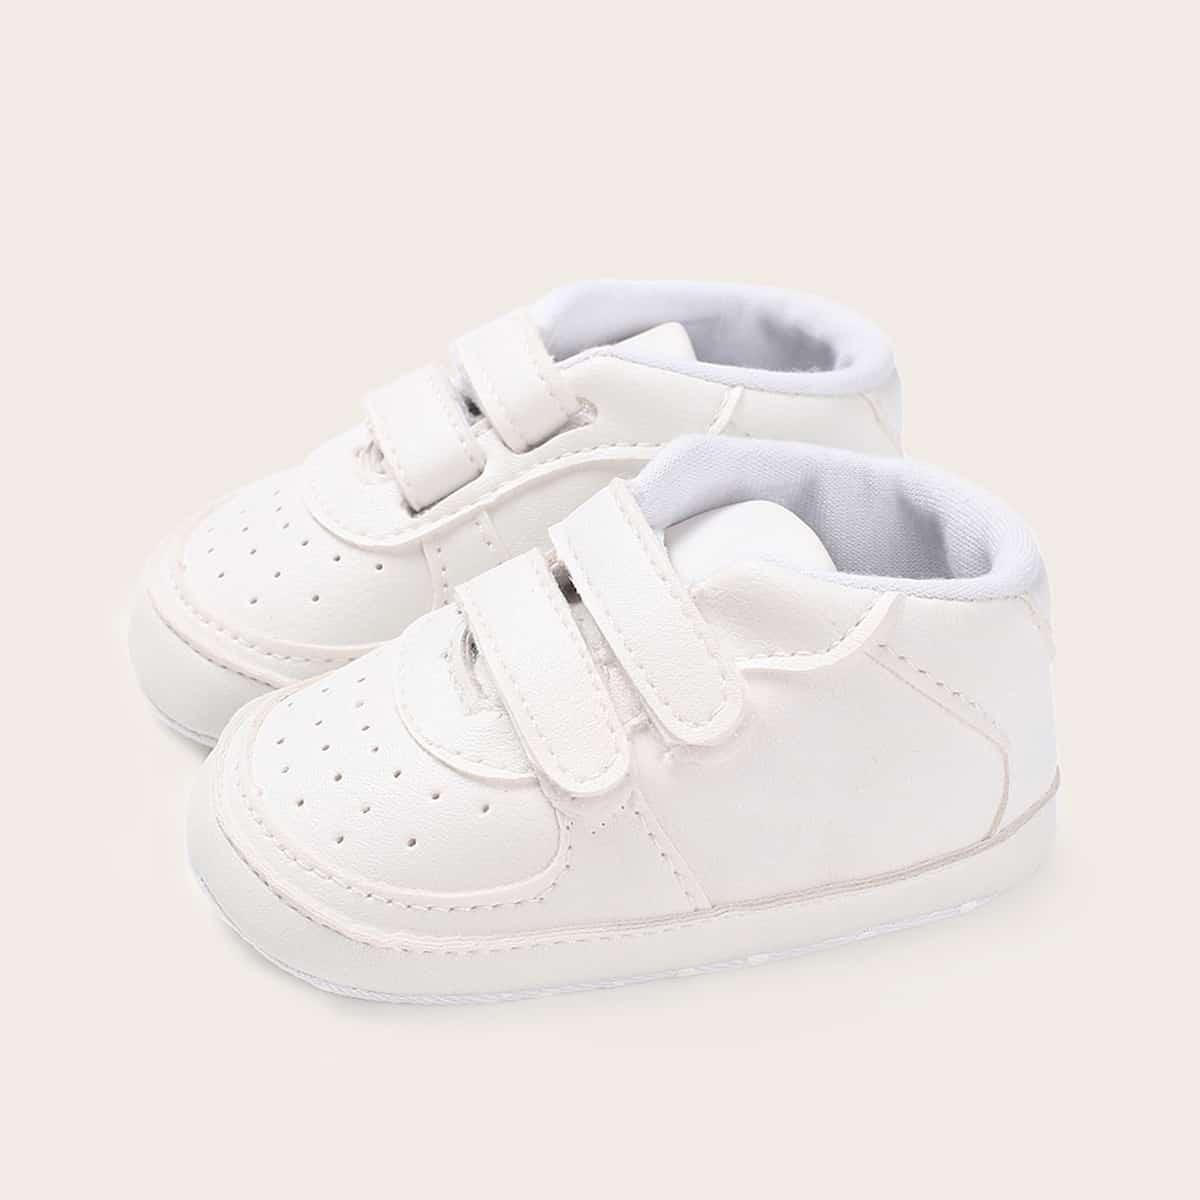 Детские обувь с двойным ремешком на липучке для мальчиков от SHEIN